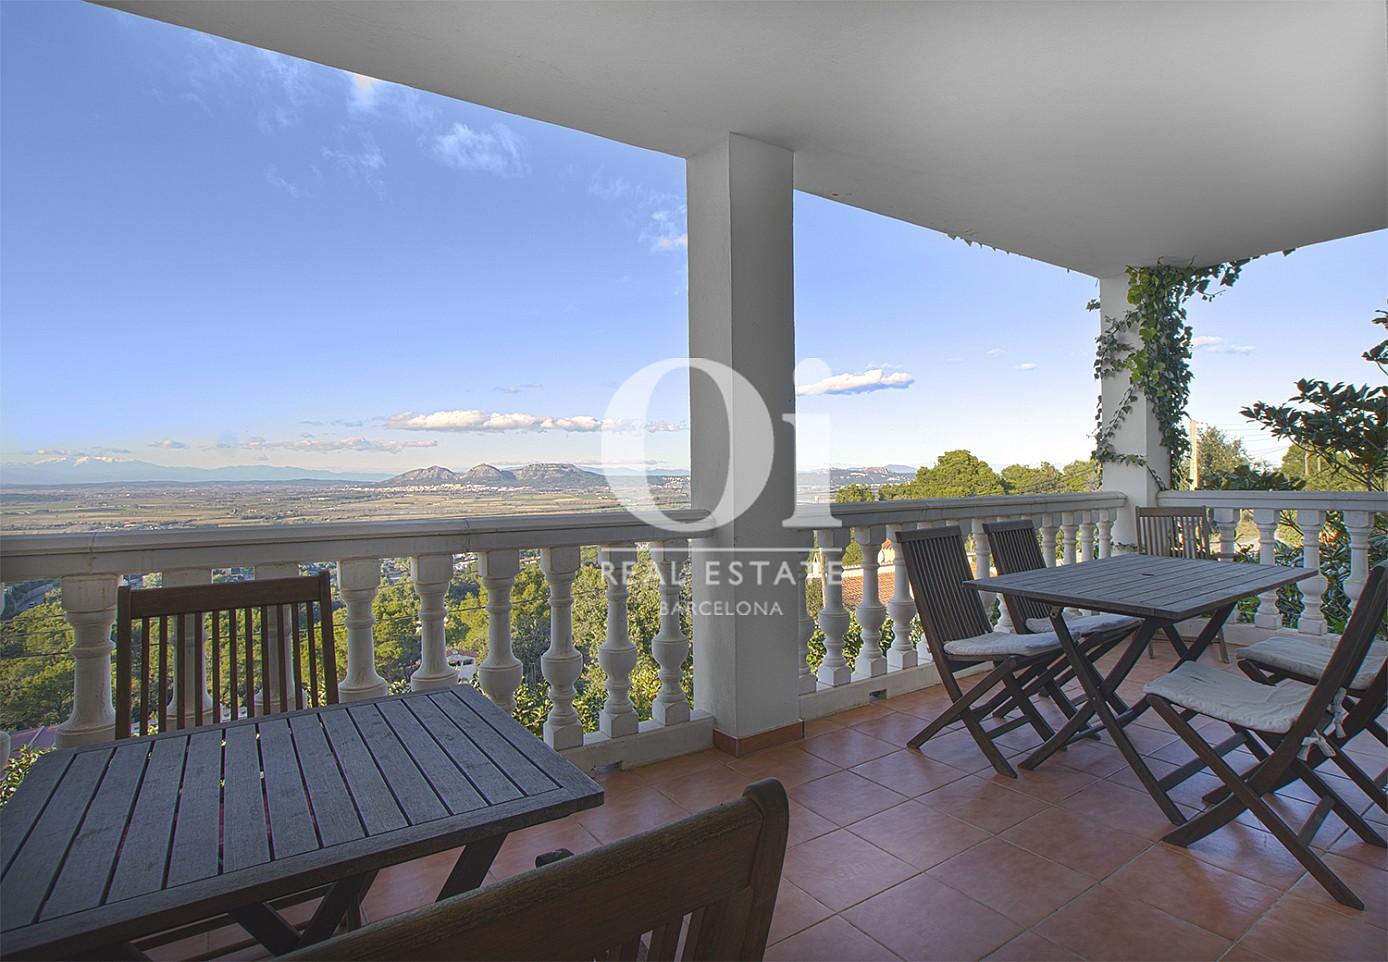 Vista de porche de casa en venta con vistas en Pals